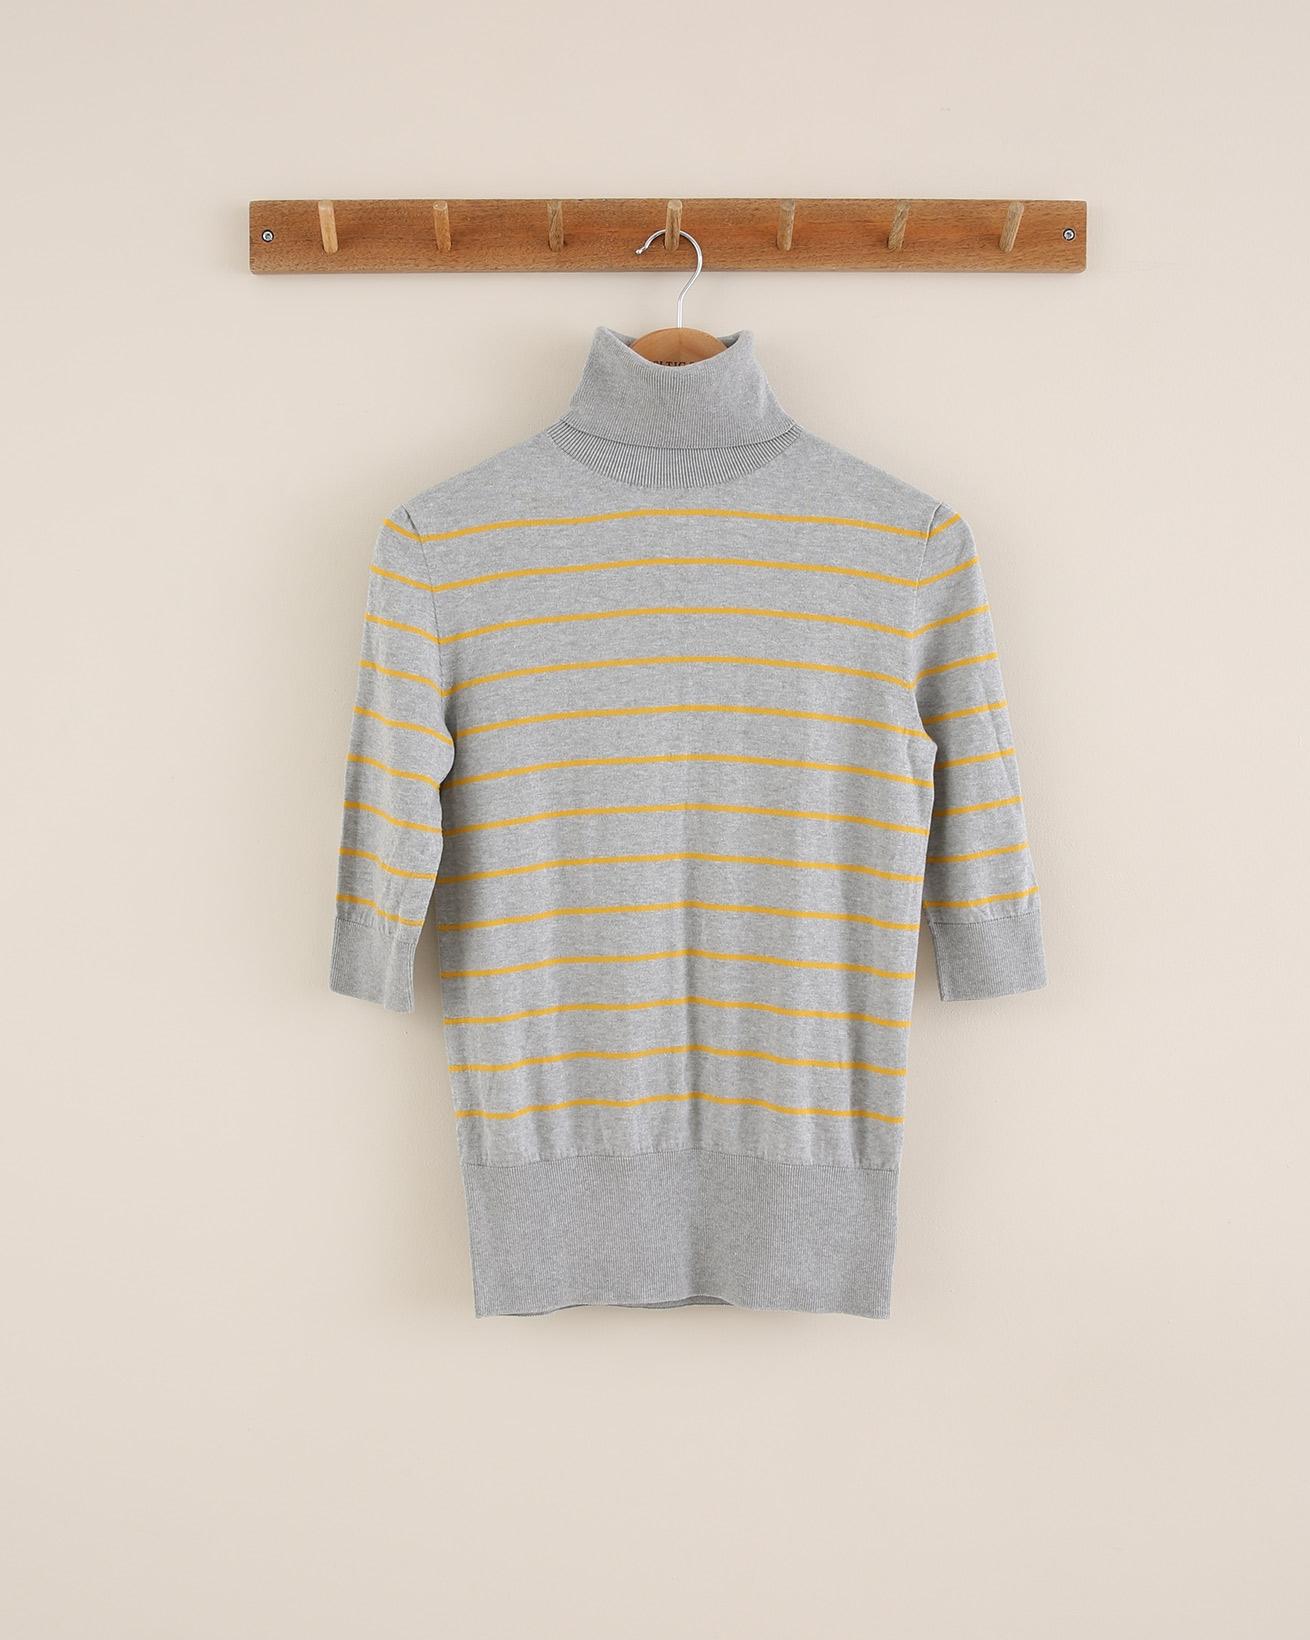 Cotton Roll Neck - Size Small - Grey/Tumeric - 1792